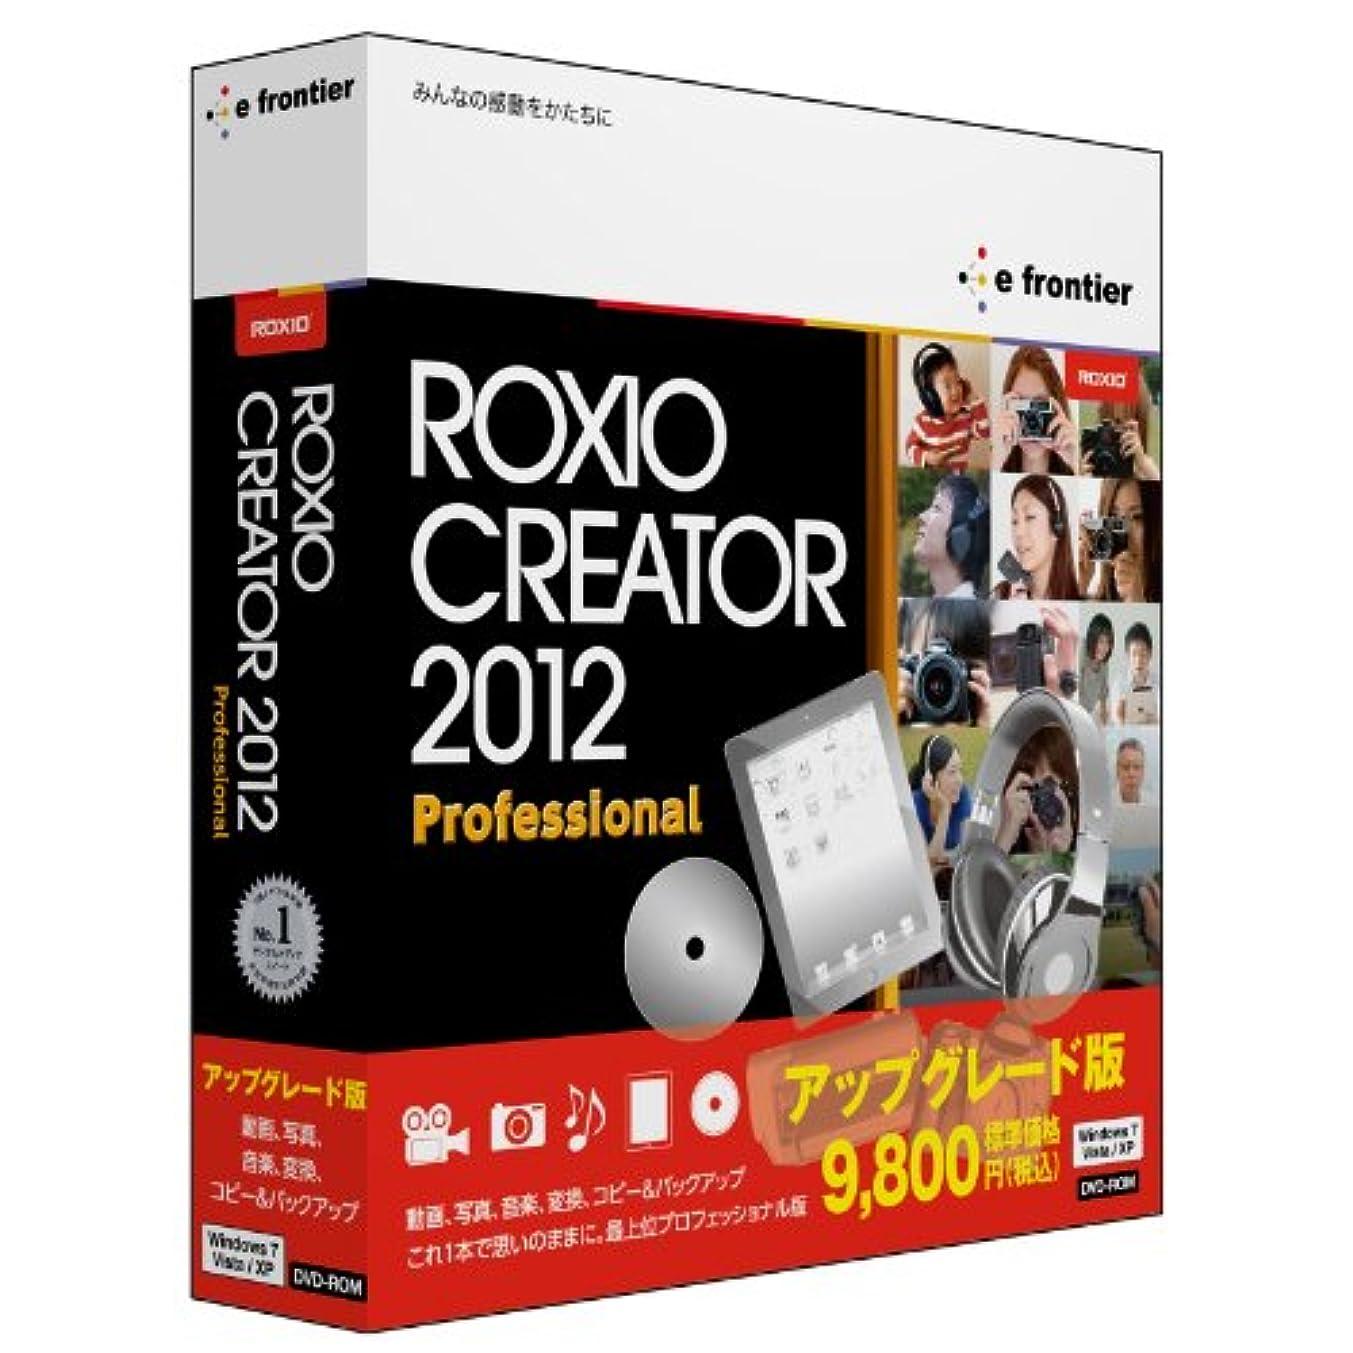 勧めるデコレーション呼び出すRoxio Creator 2012 Professional アップグレード版